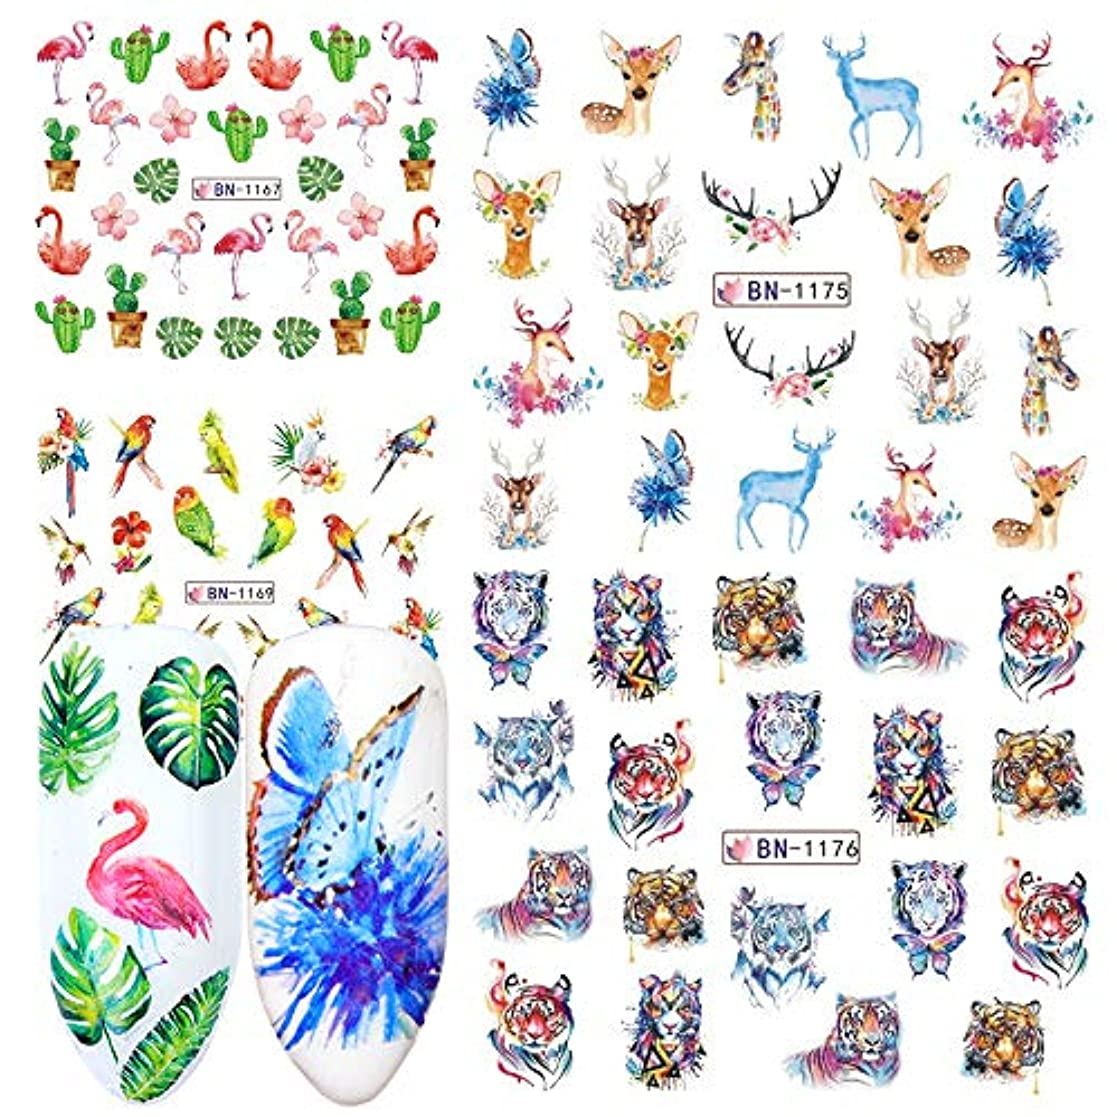 成熟架空の気質SUKTI&XIAO ネイルステッカー 12個ネイルステッカー水デカール花漫画動物デザインスライダーマニキュアネイルアート装飾